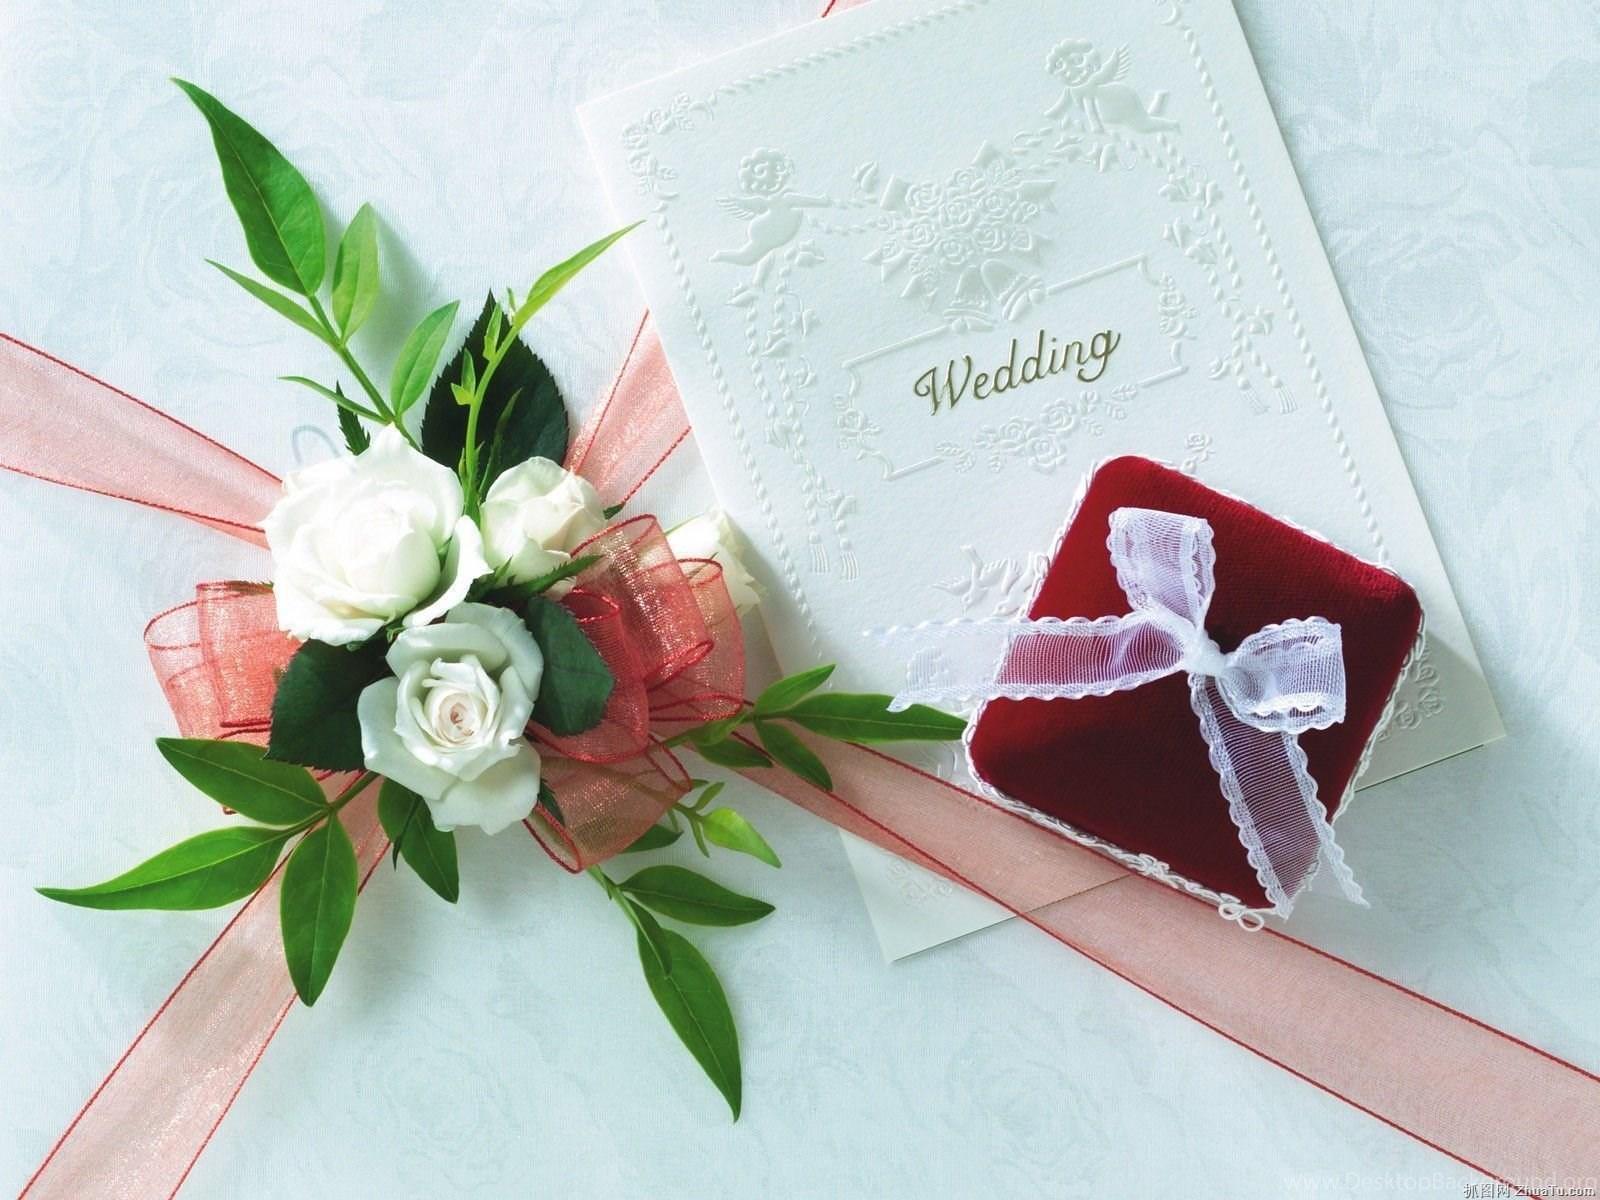 День семьи, открытки с днем свадьбы на немецком языке